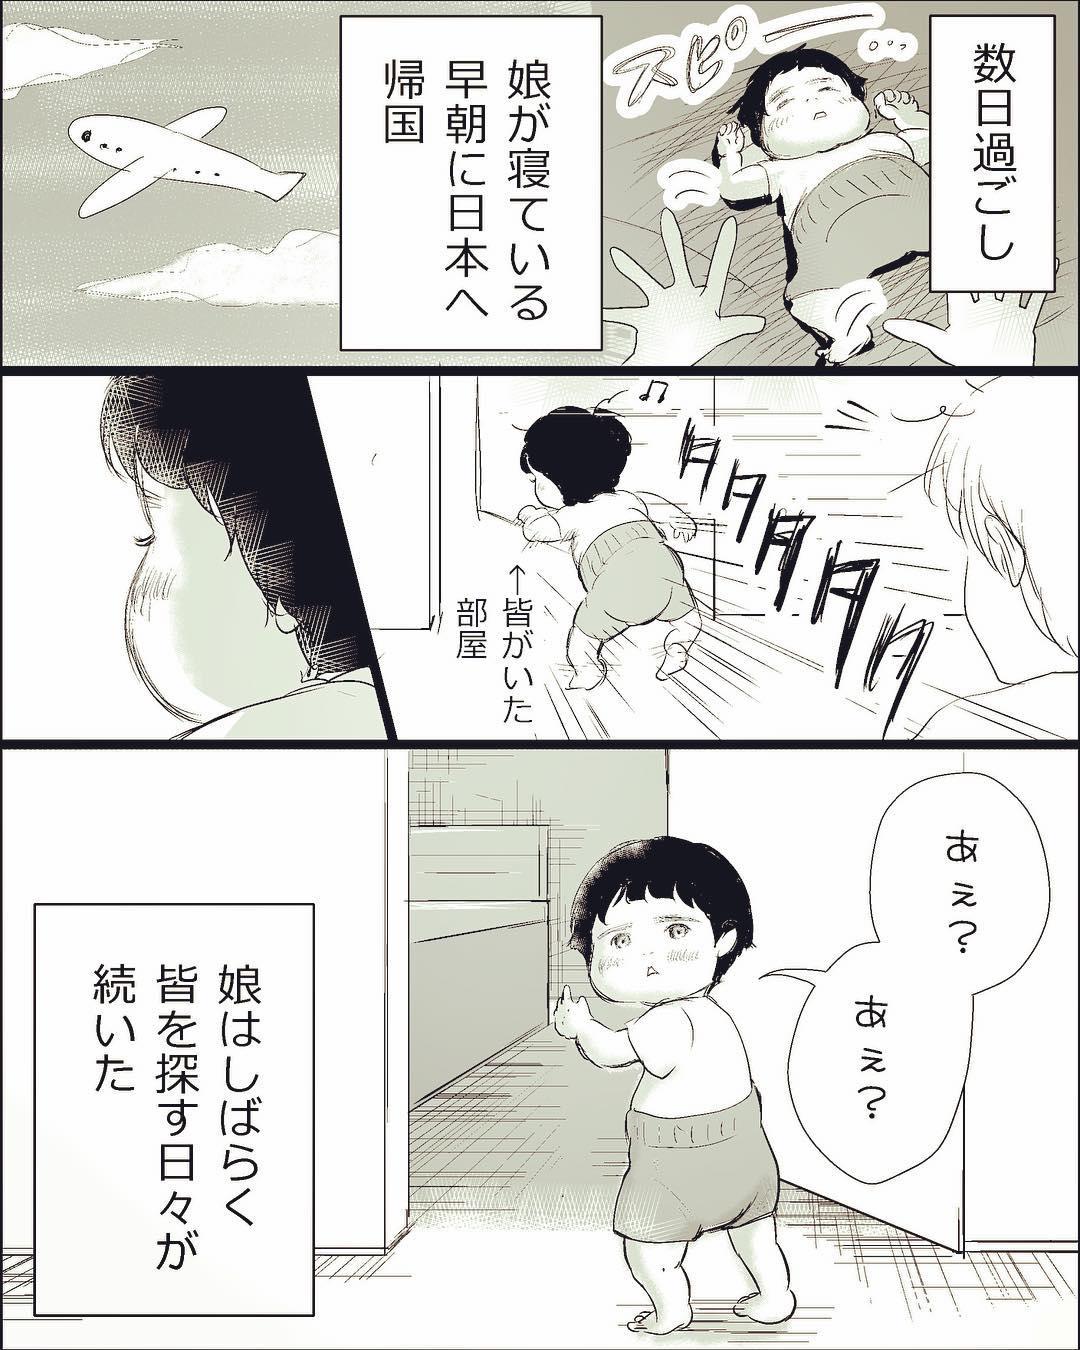 kanpai3 (2)